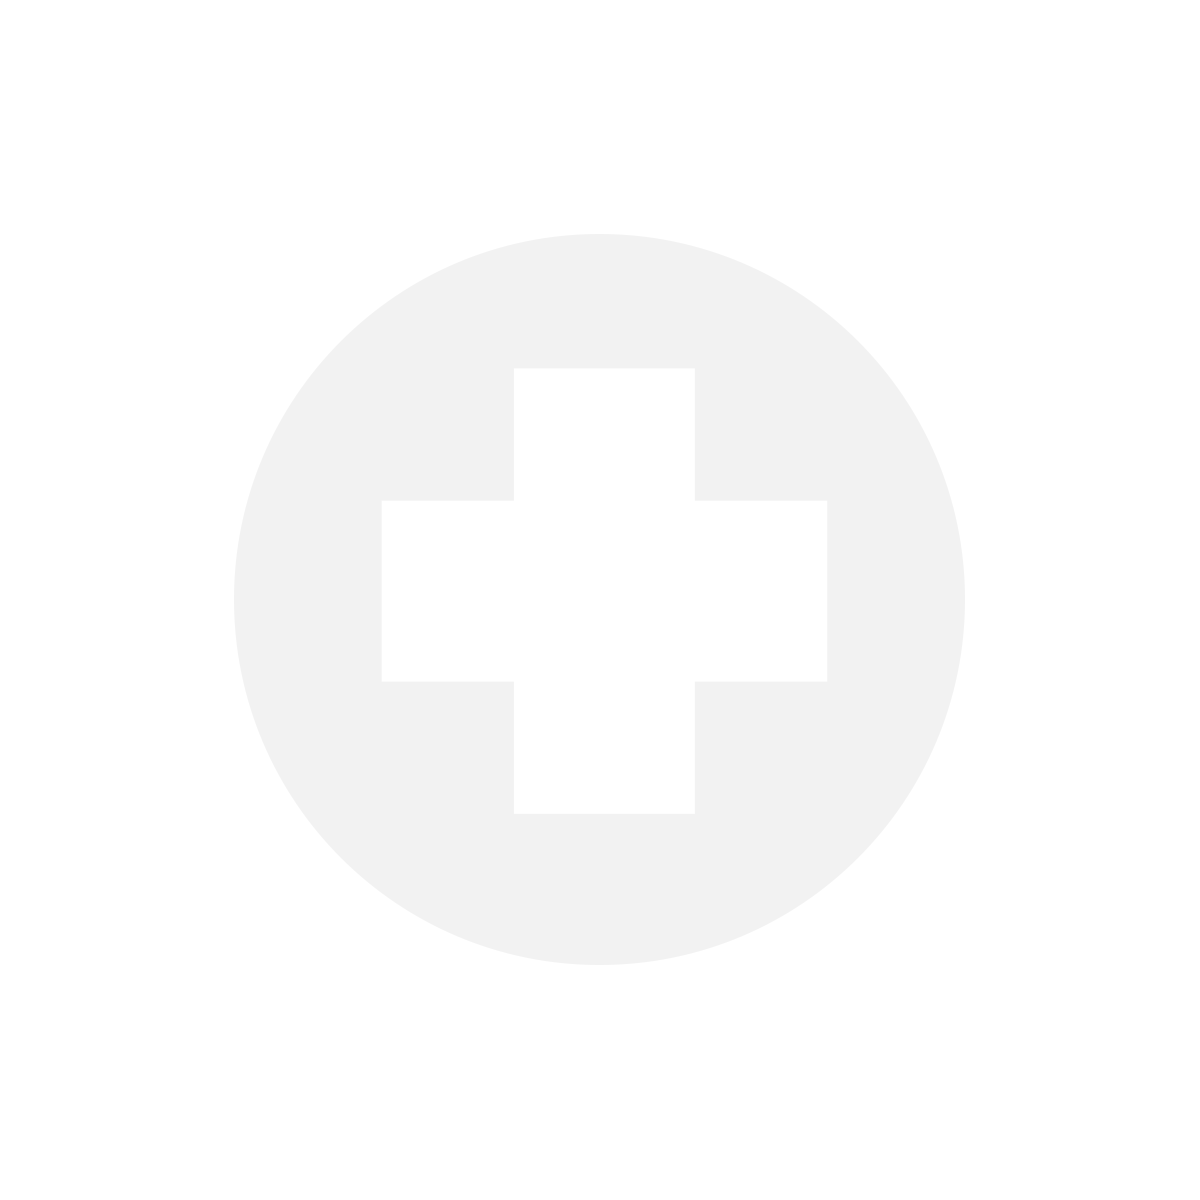 Sonde infrarouge (convergente)